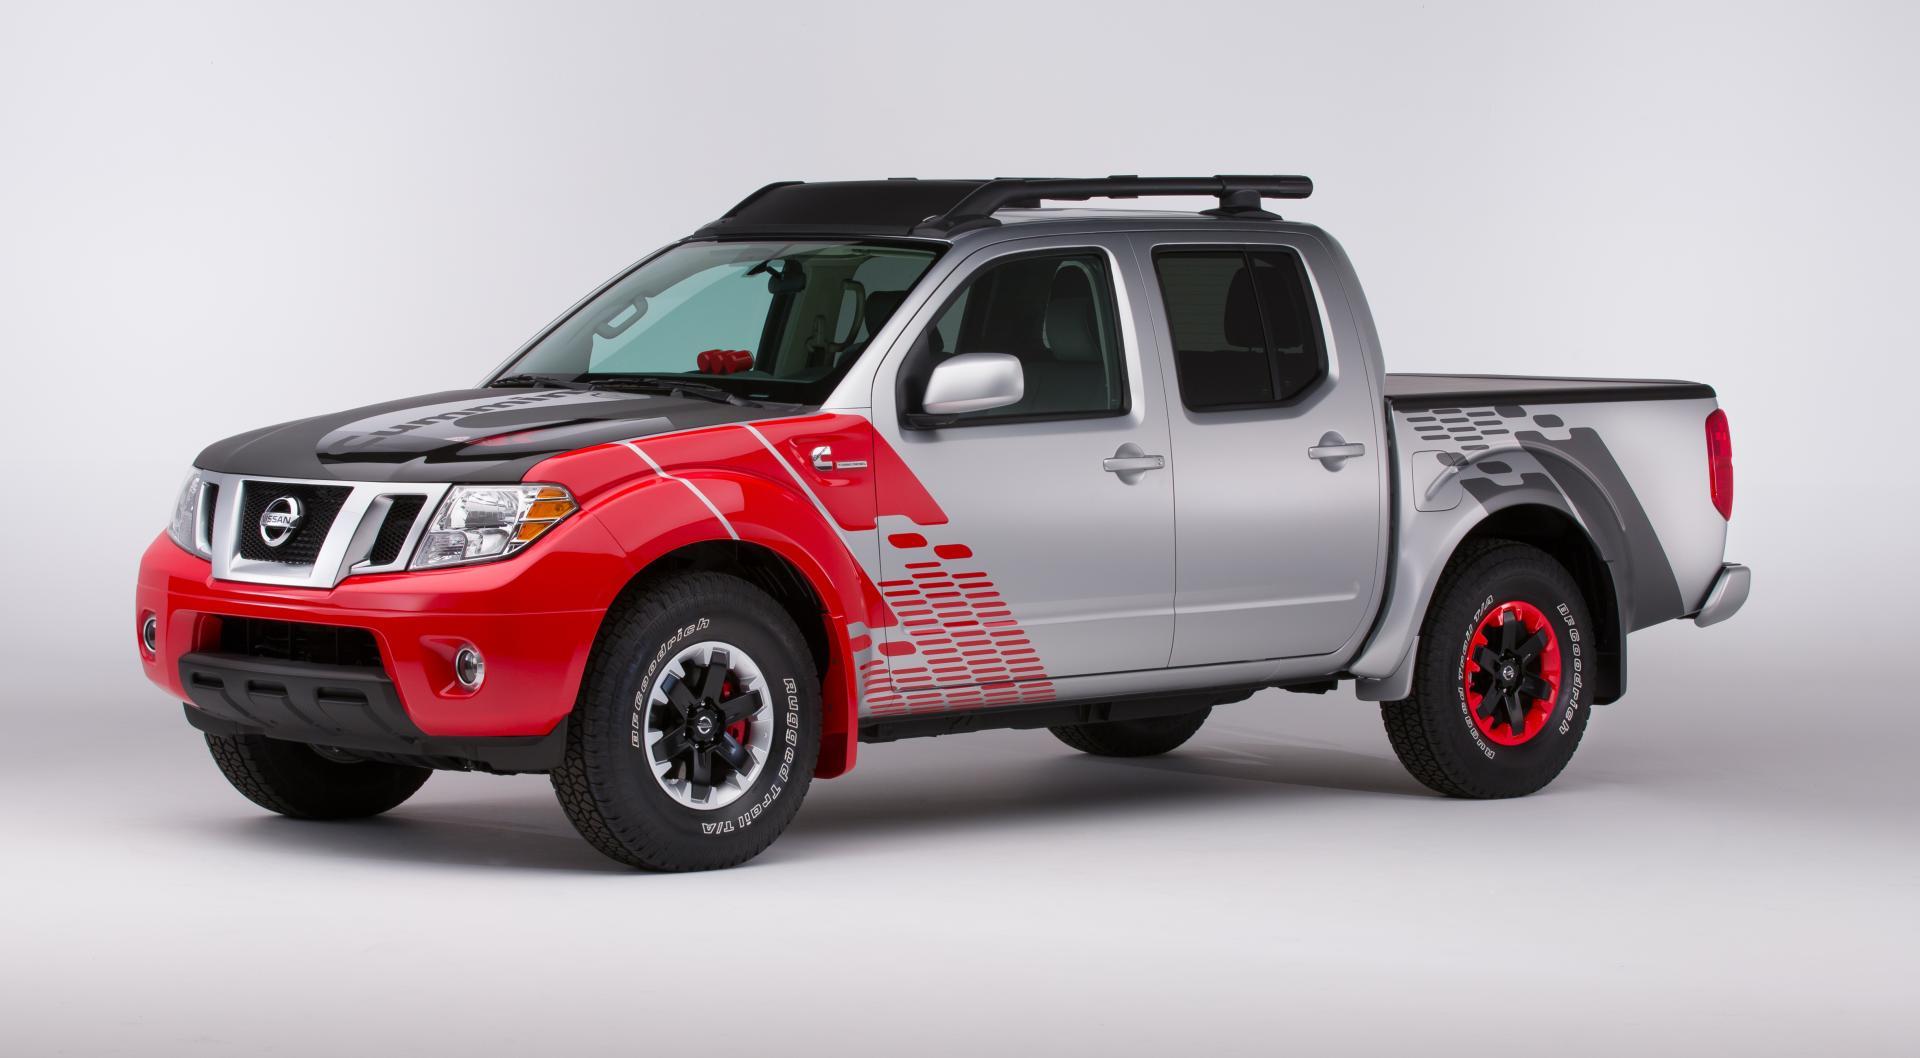 2014 Nissan Frontier Diesel Runner Cummins News and Information